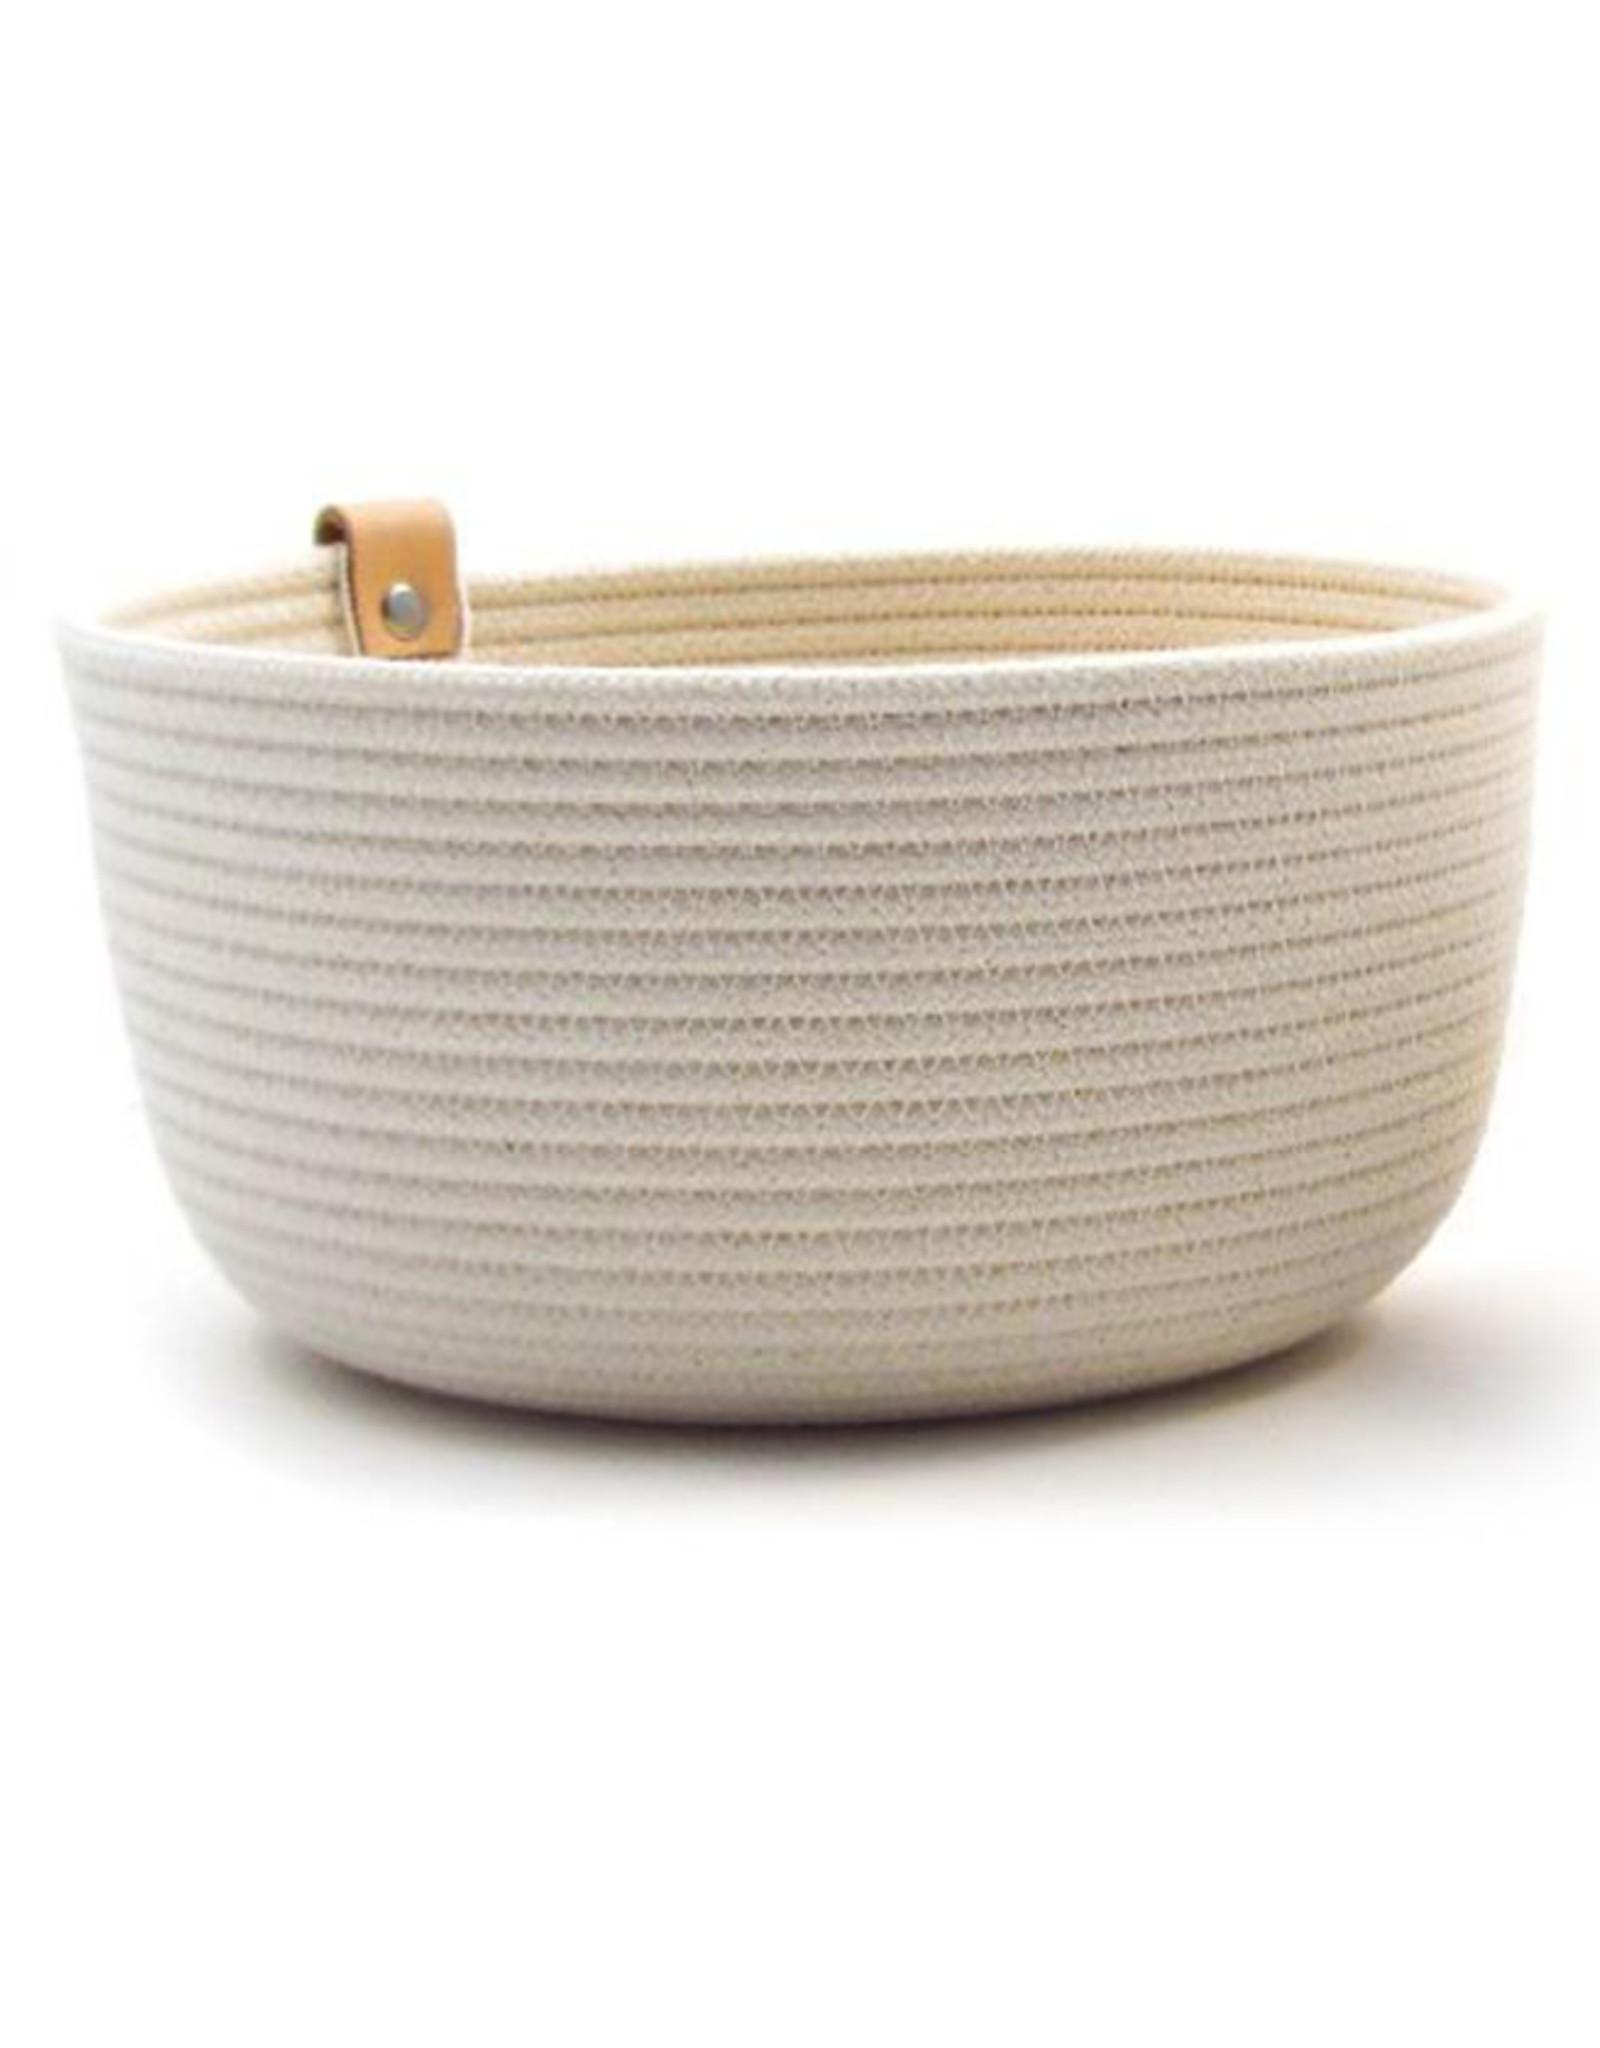 Koba Handmade Bowl Large High-ecru 25x12cm